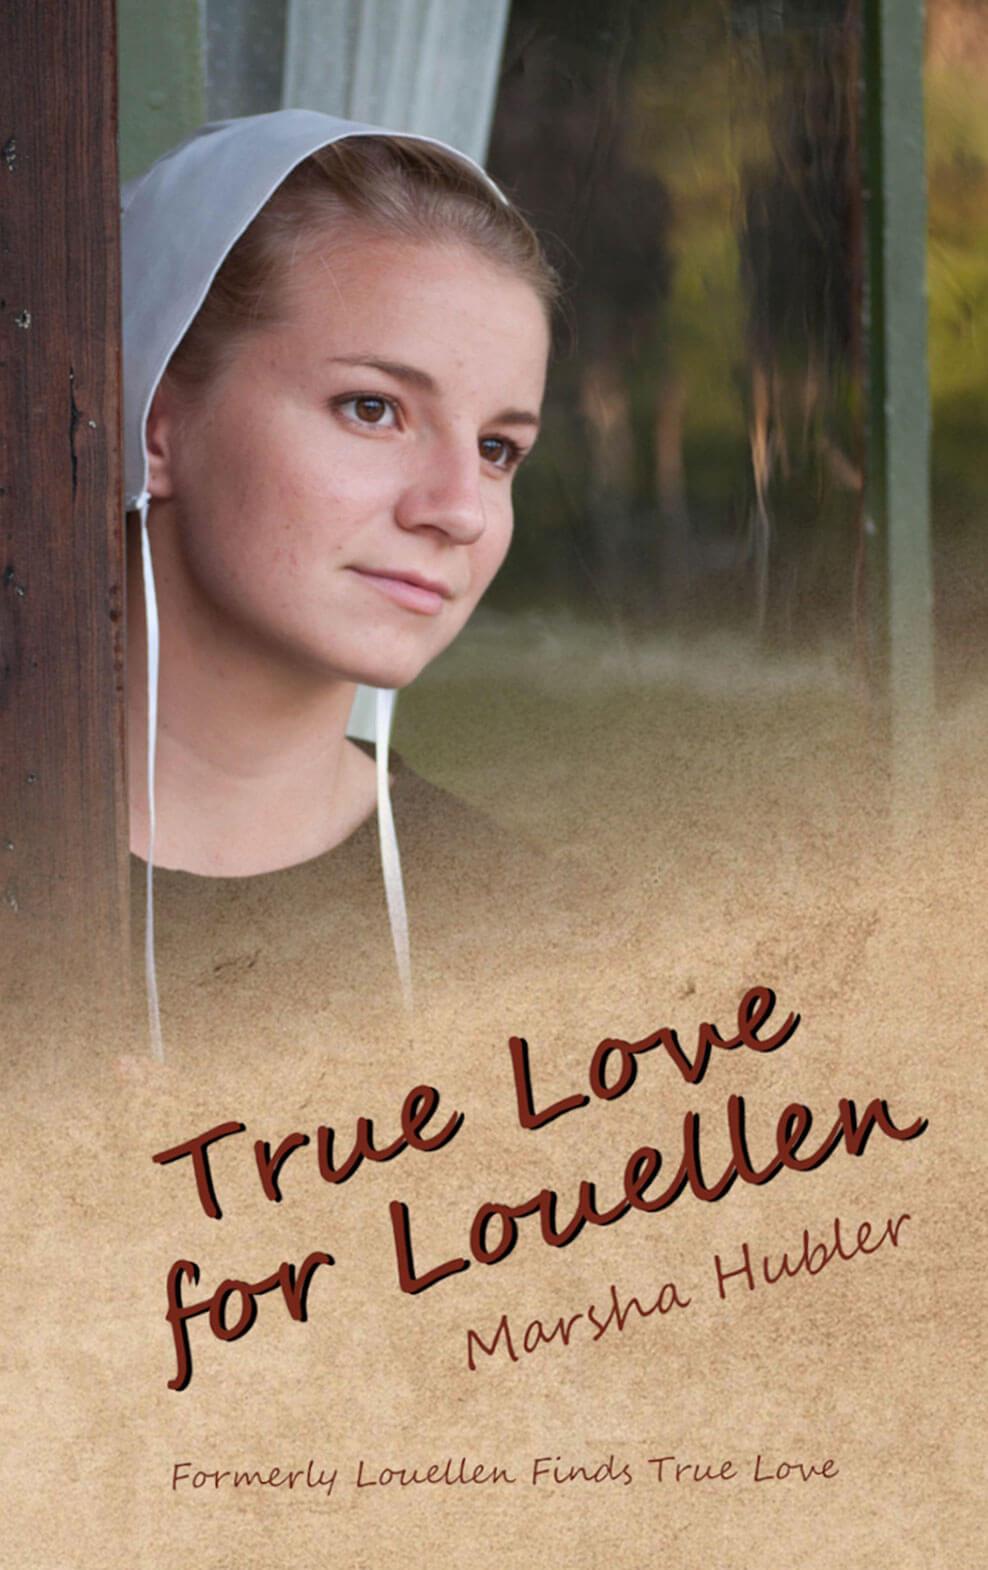 True Love for Louellen